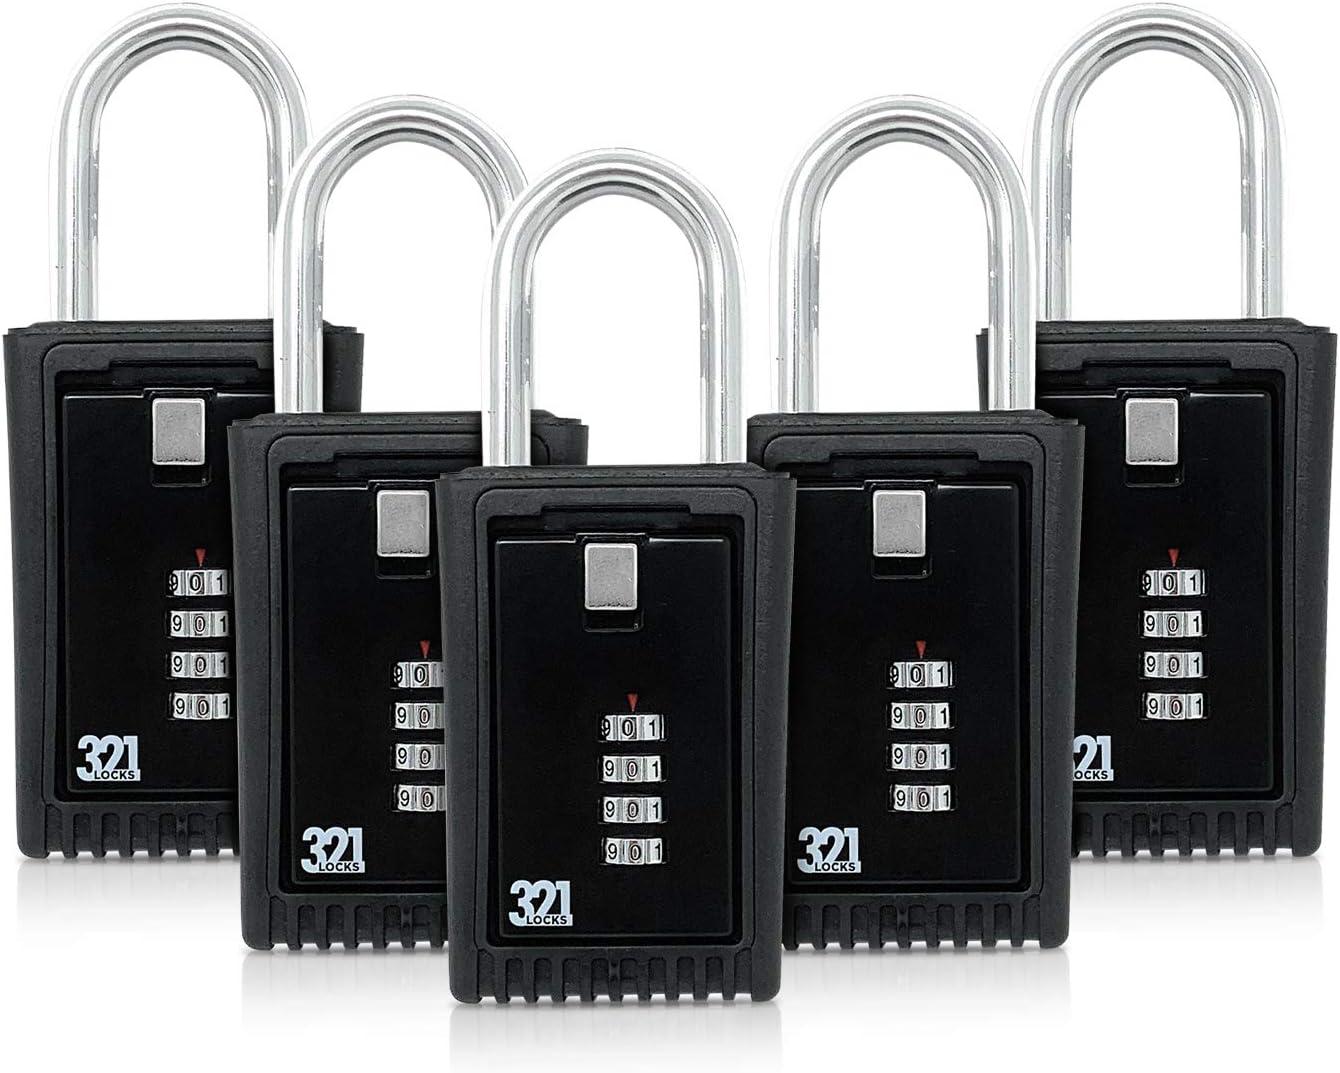 les chantiers les /écoles le travail Bo/îtier de s/écurit/é LB-003 Code de s/écurit/é /à 4 chiffres le bureau mini-coffre pour stockage de clefs et cadenas pour porte ou cl/ôture Pour la maison